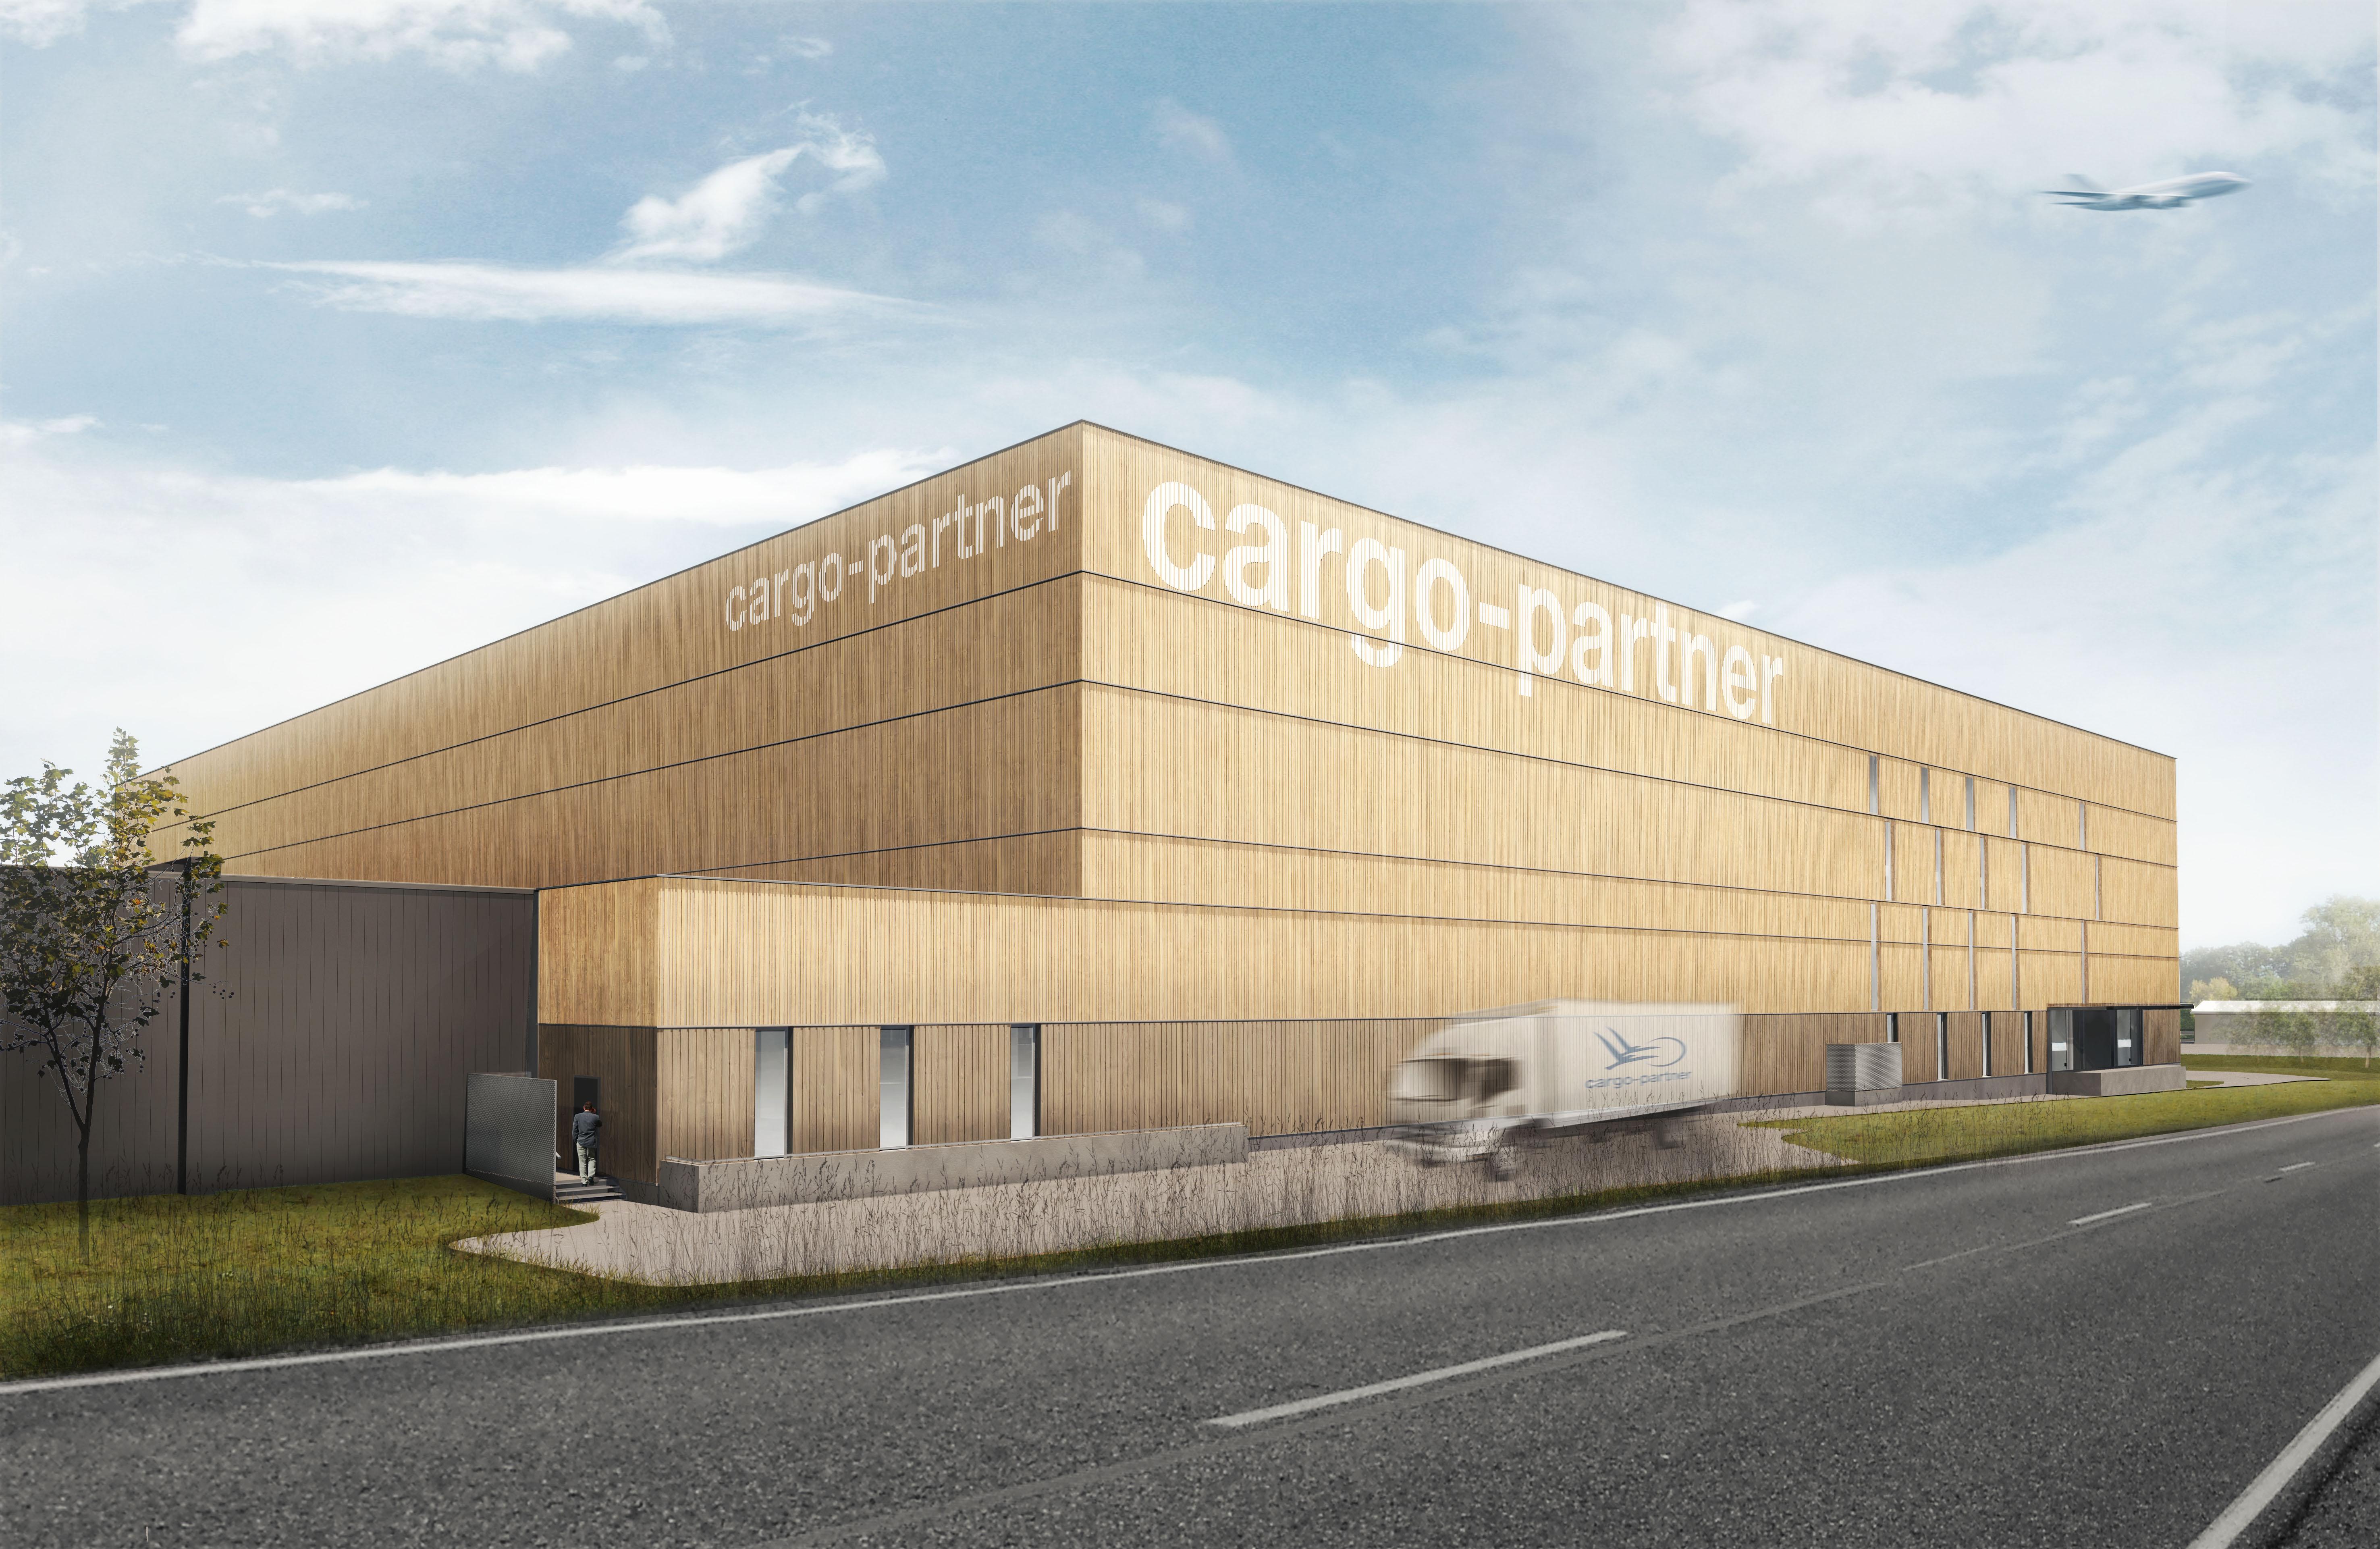 cargo-partner slaví zahájení stavby nového logistického centra v rakouském Fischamendu